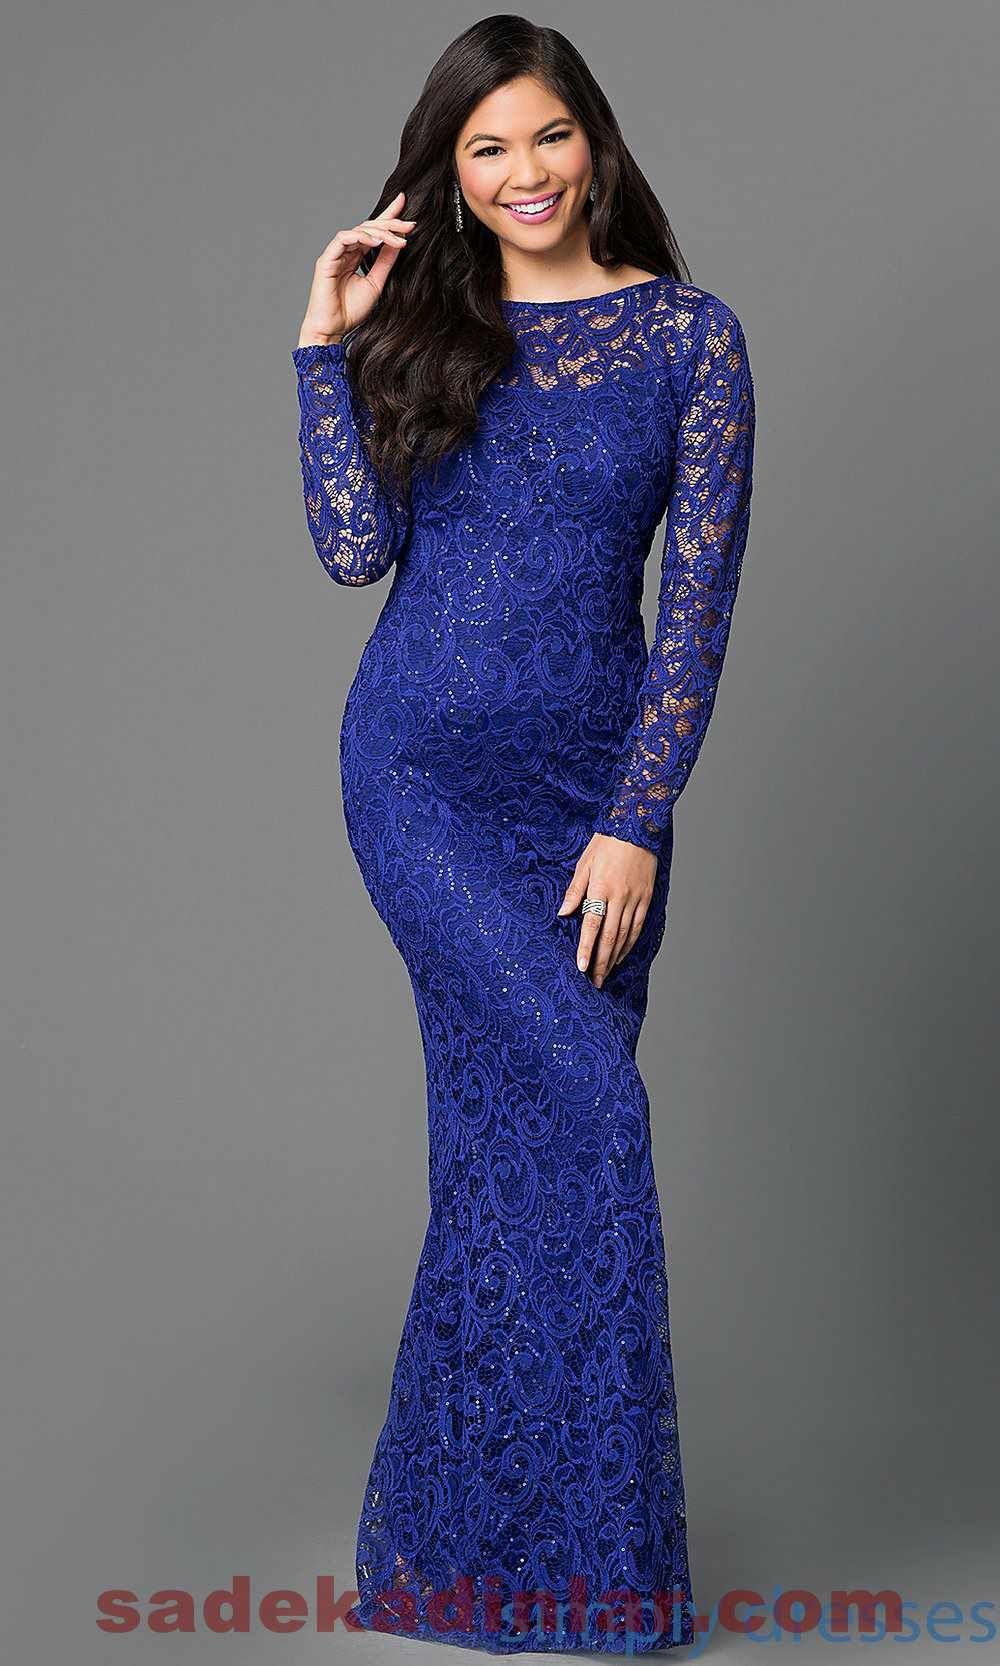 Pictures gece elbise modelleri 2013 uzun dekolteli gece elbise modeli - Dantel Detayl Gece Elbiseleri 2018 2019 Saks Abiye Modelleri